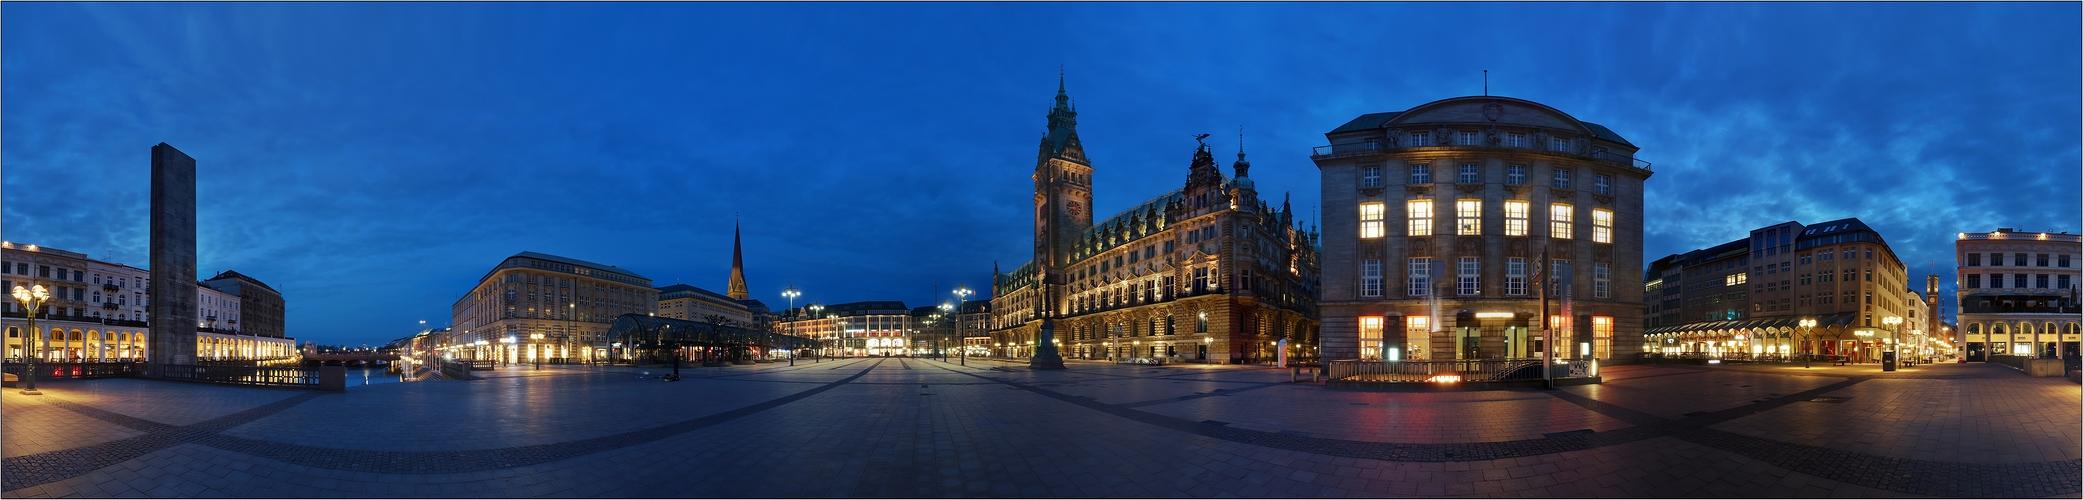 Rathausplatz 360°